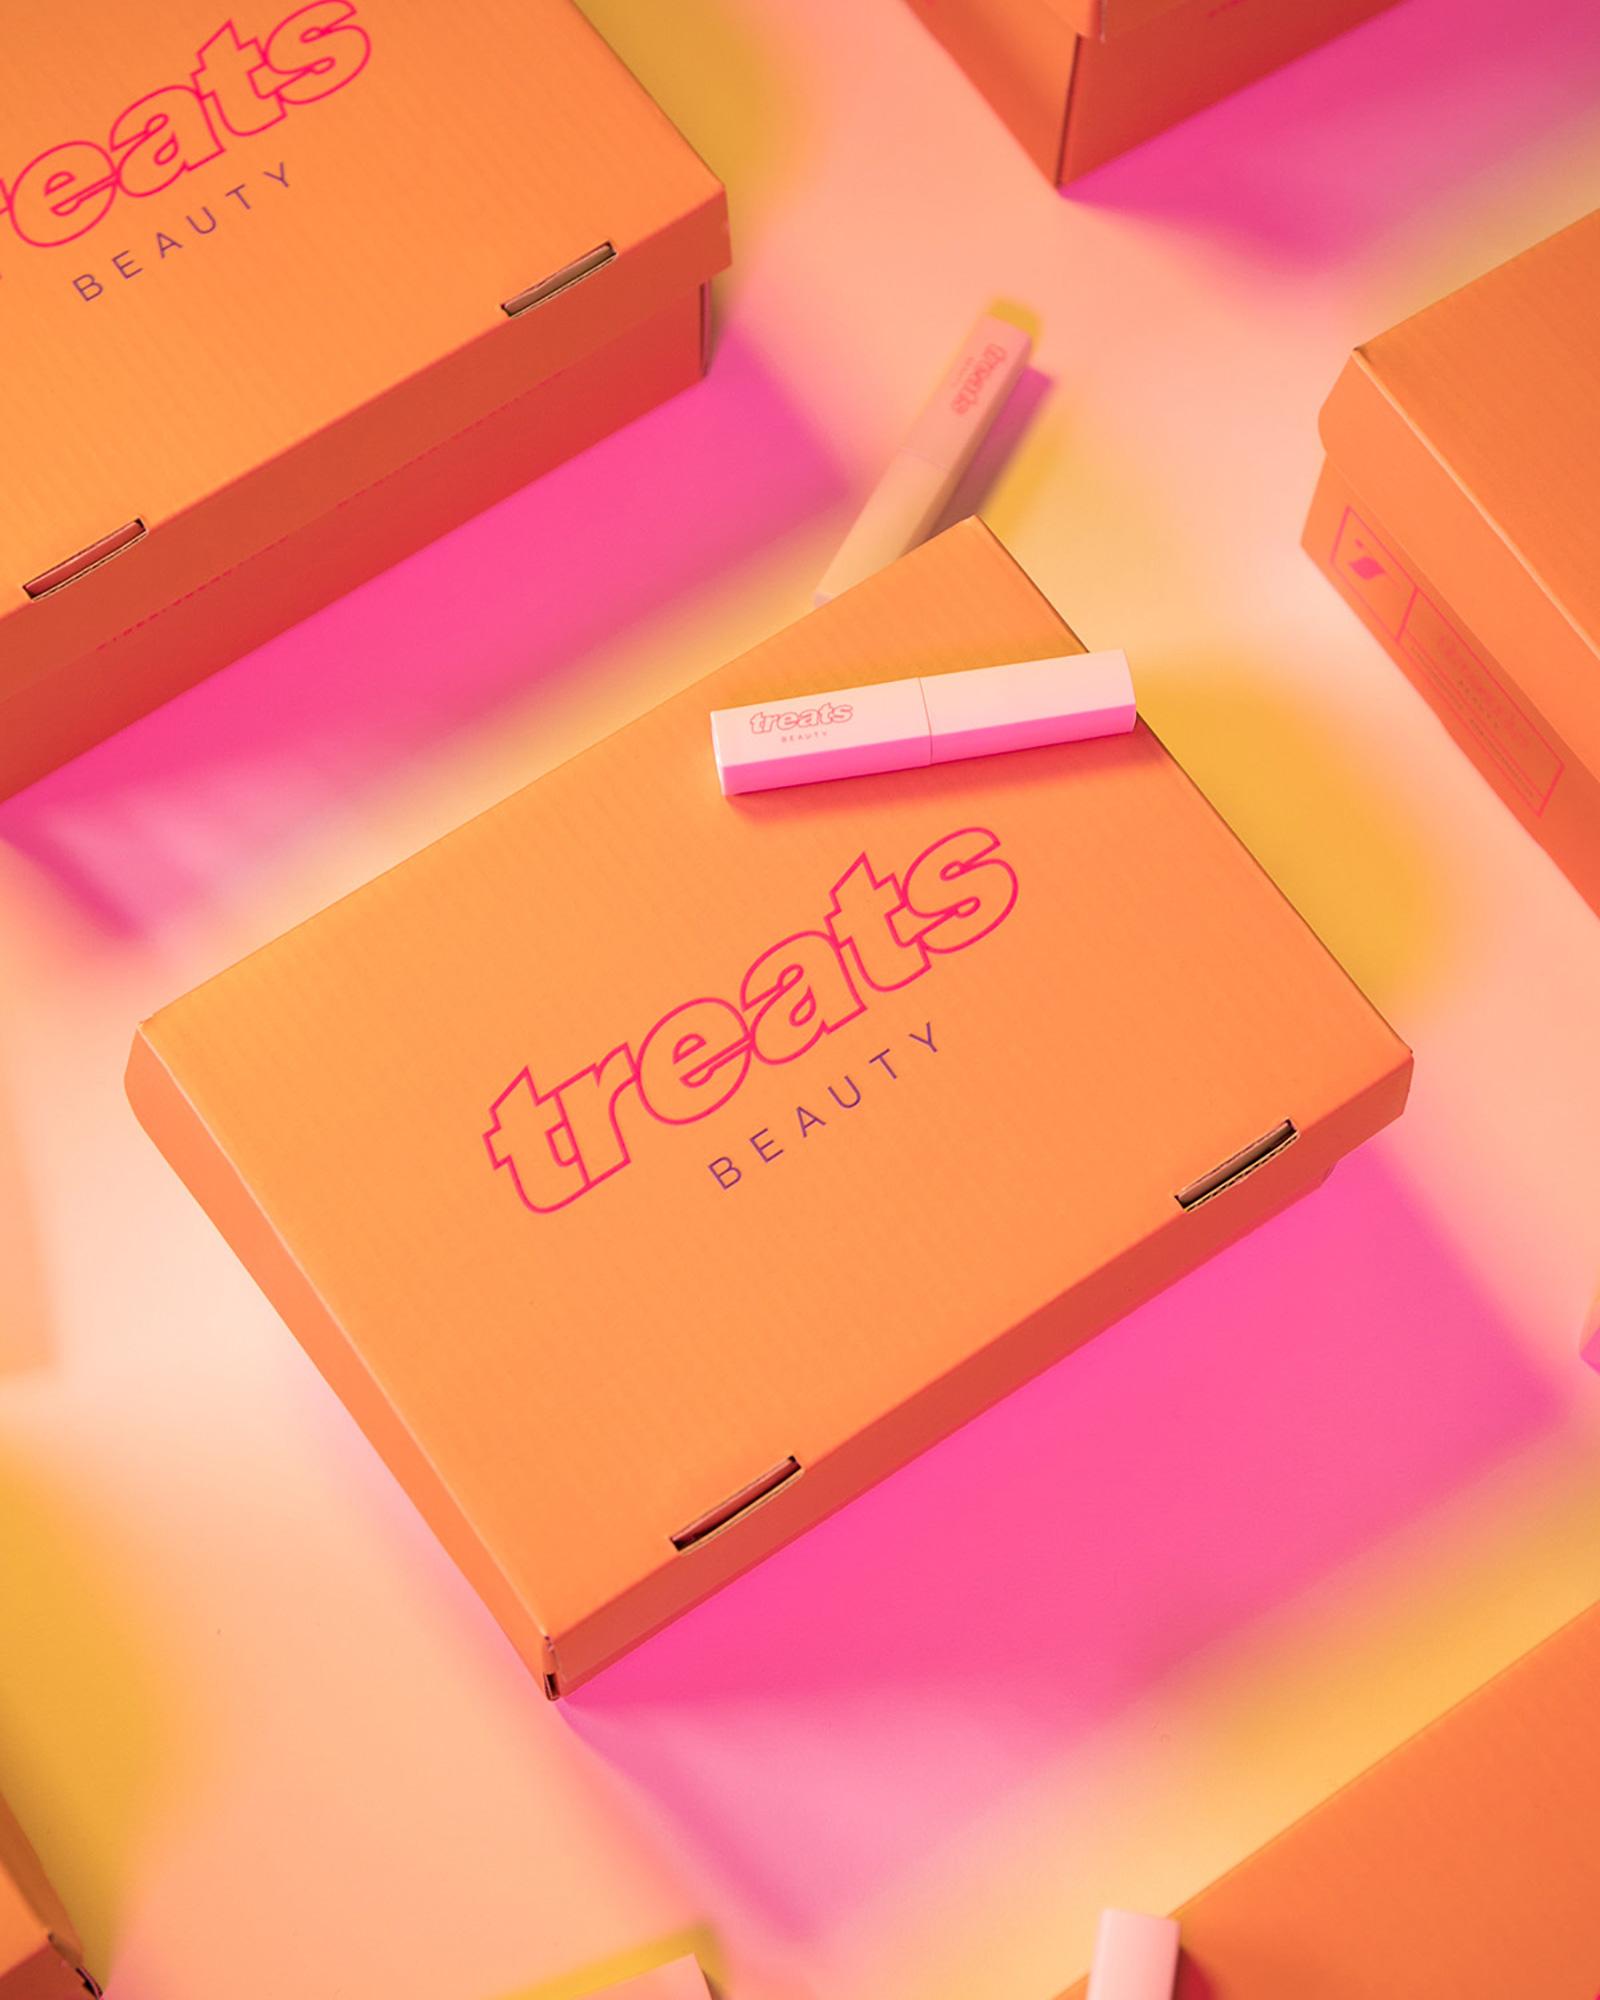 Treats Beauty